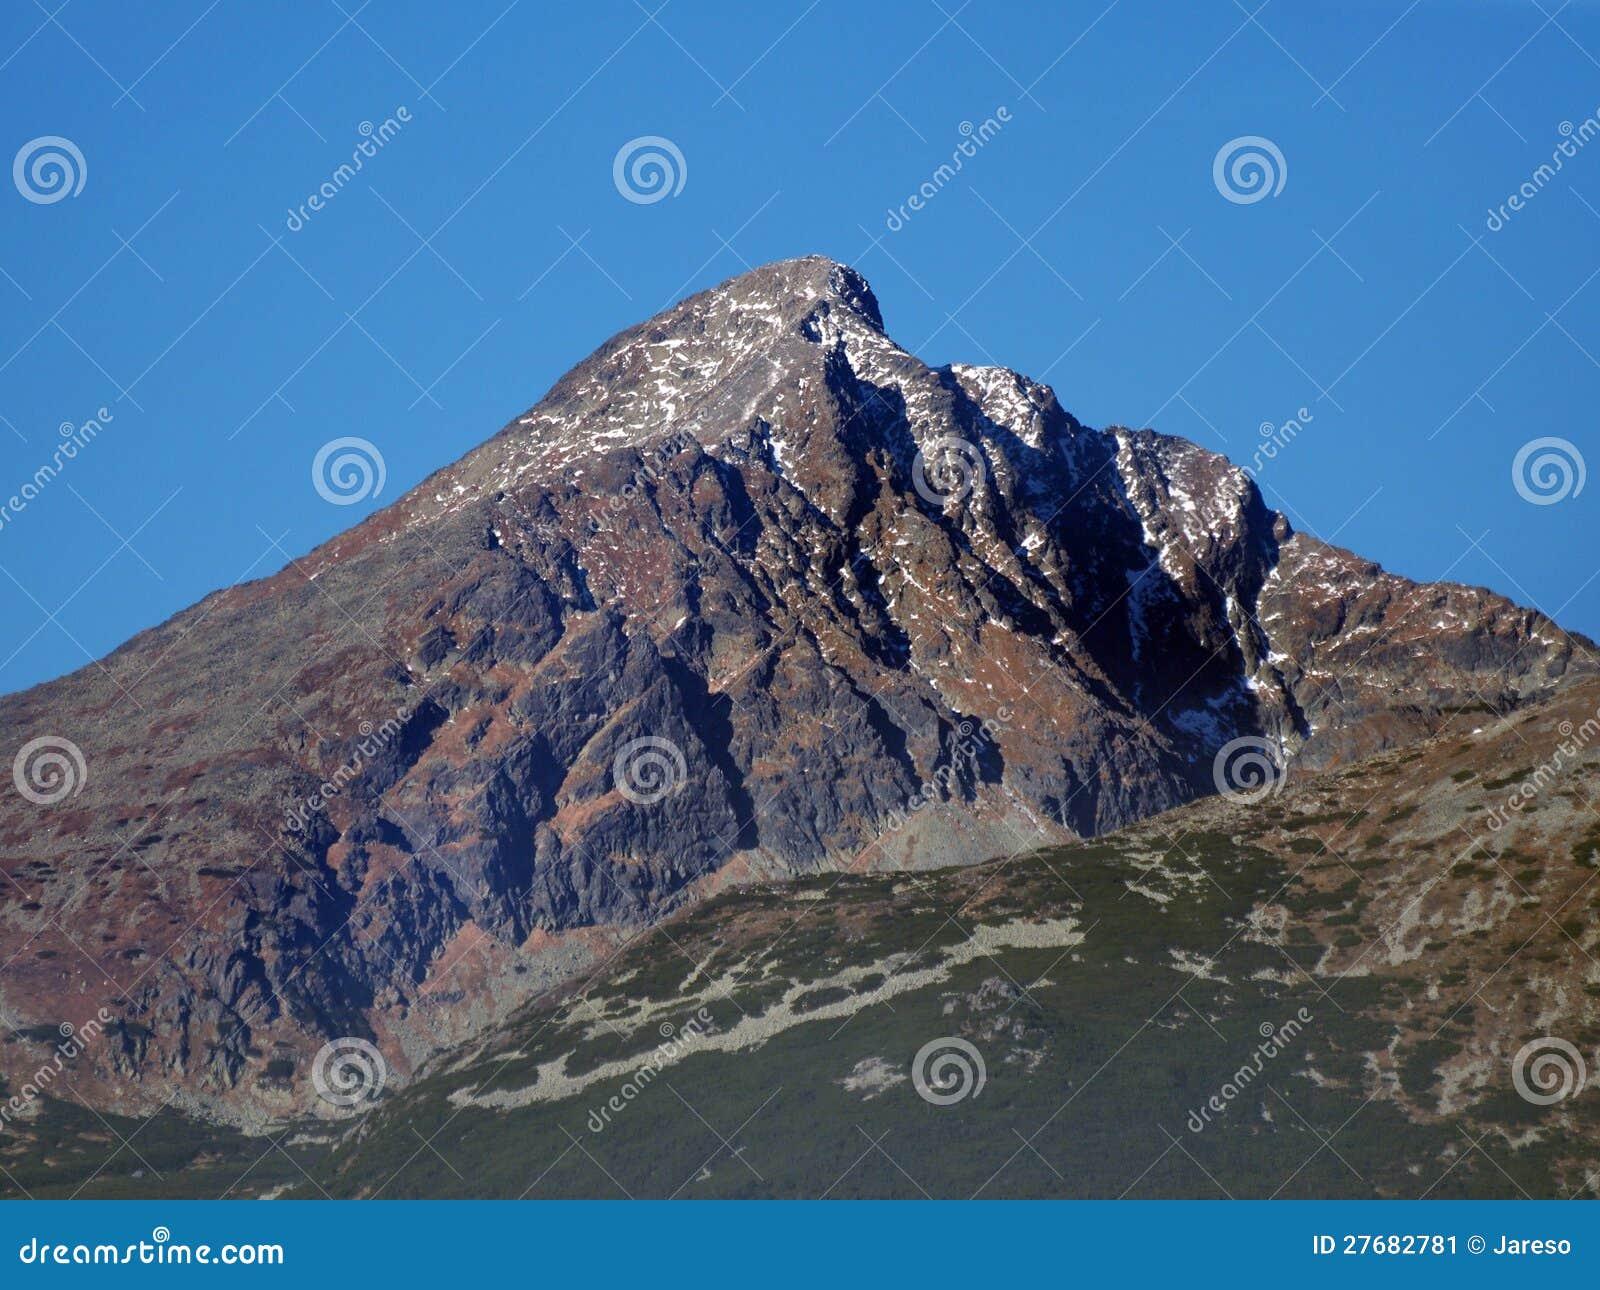 Krivan Peak in Slovak High Tatras at autumn